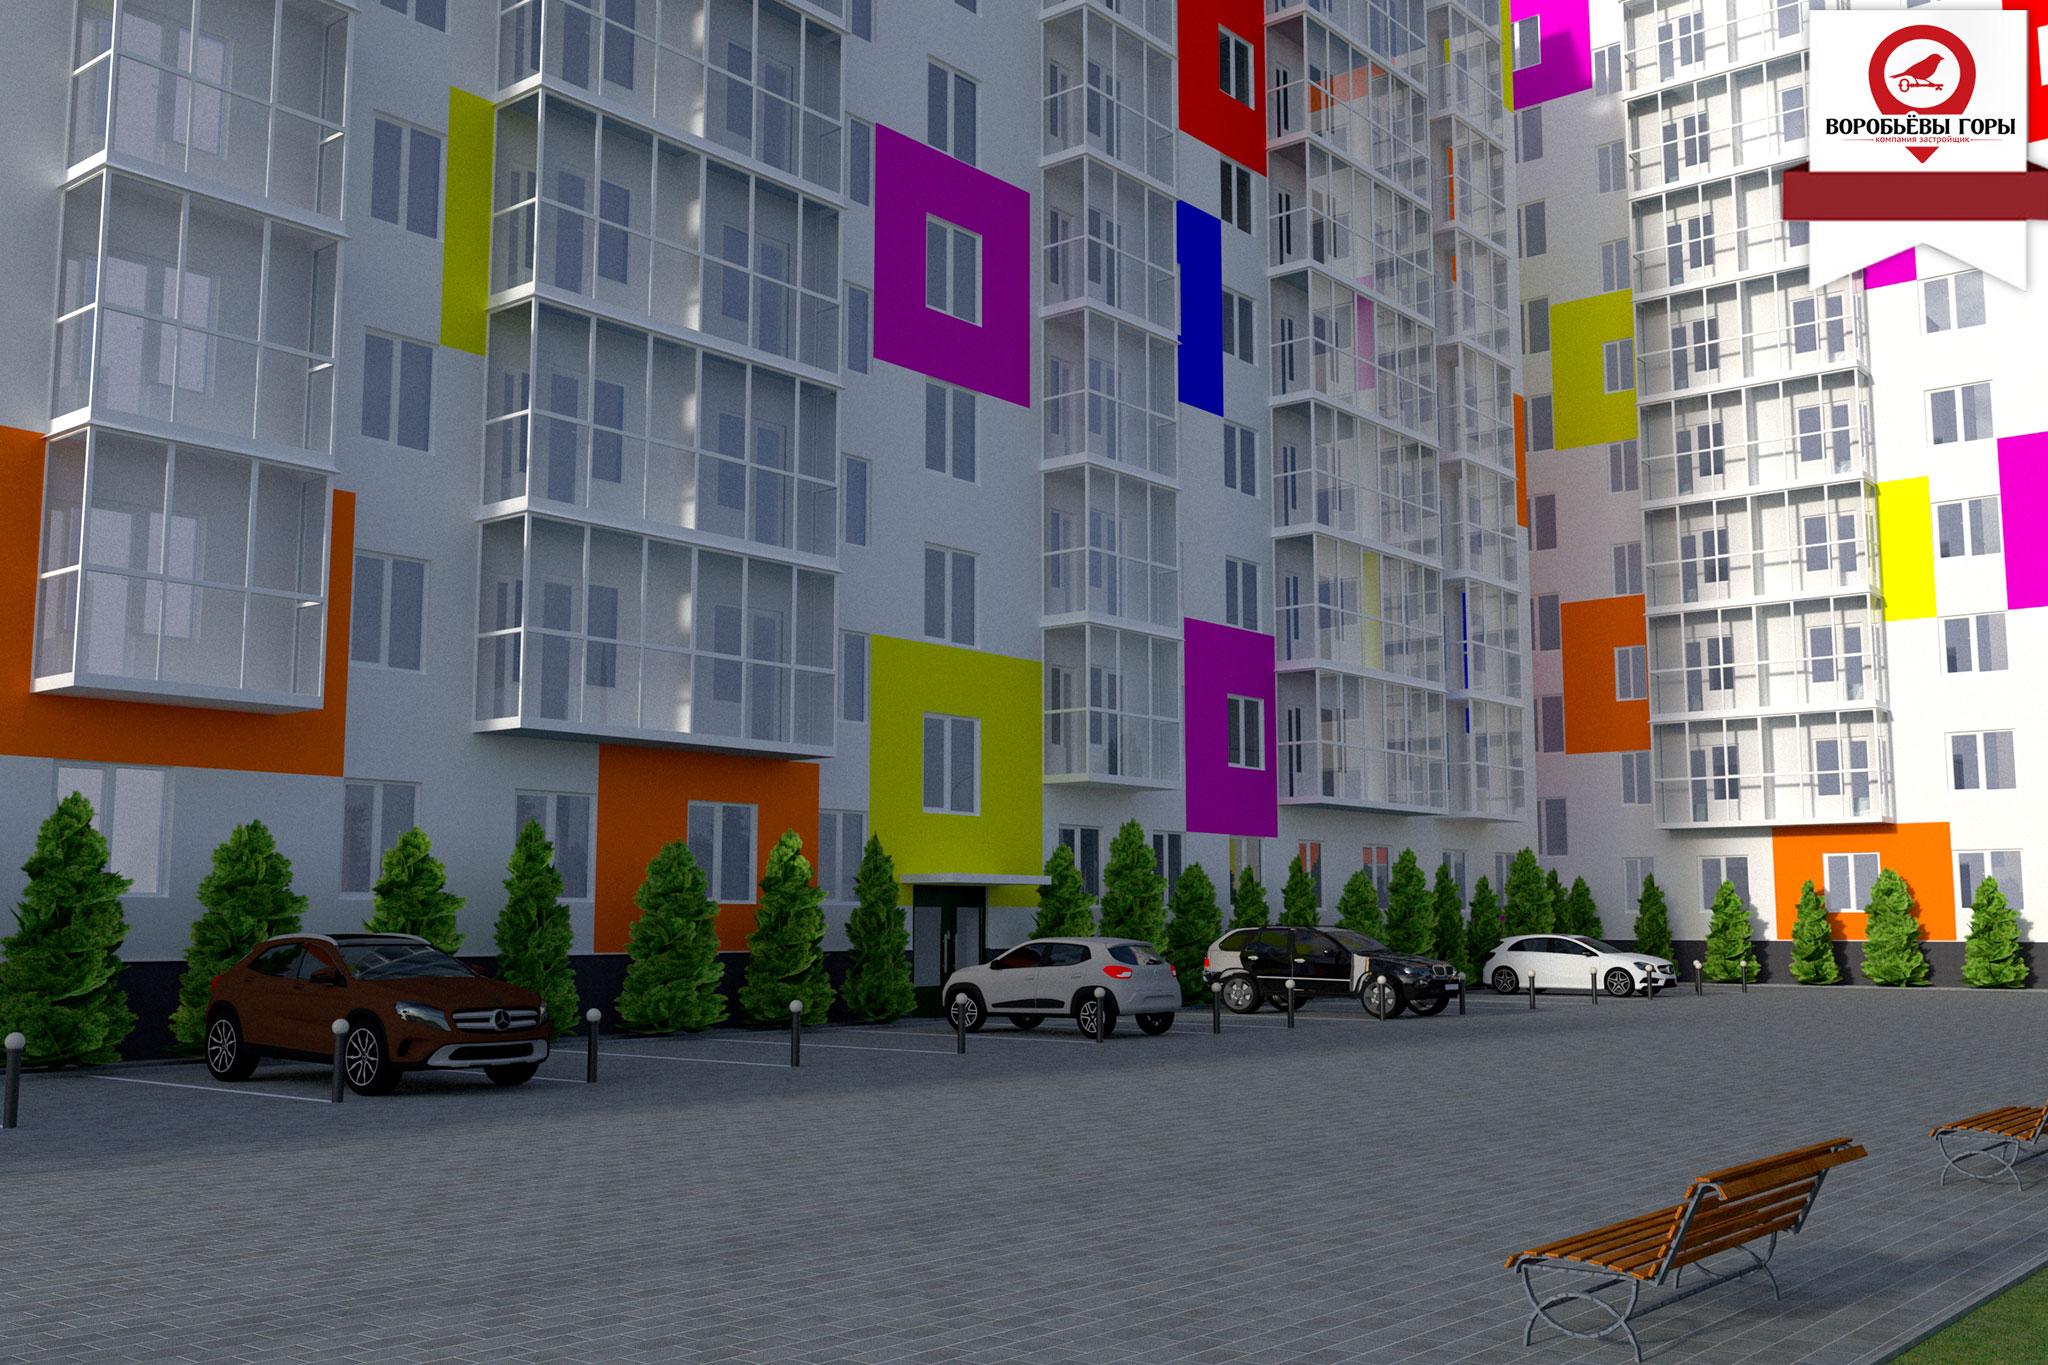 """Уважаемые друзья! Рады сообщить Вам отличную новость: объявлен старт продаж квартир в нашем новом жилом комплексе """"Воробьевы Горы Family"""""""